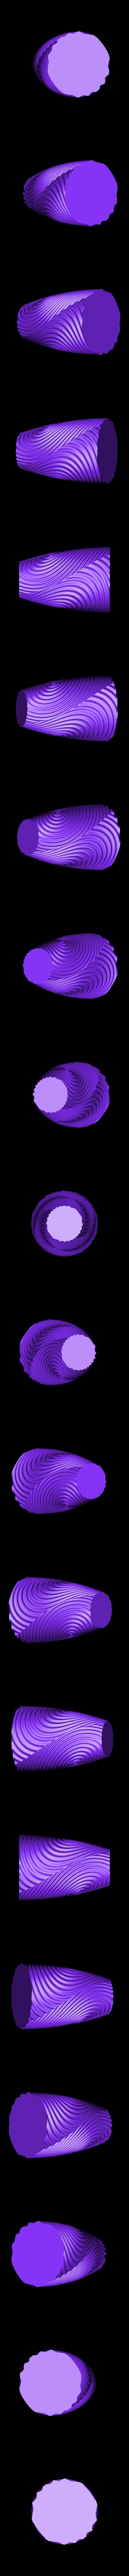 ripple_twist_vase_dense_low_quality.STL Télécharger fichier STL gratuit Vase torsadé gMax pour vase à ondulation torsadée • Plan pour impression 3D, gCreate